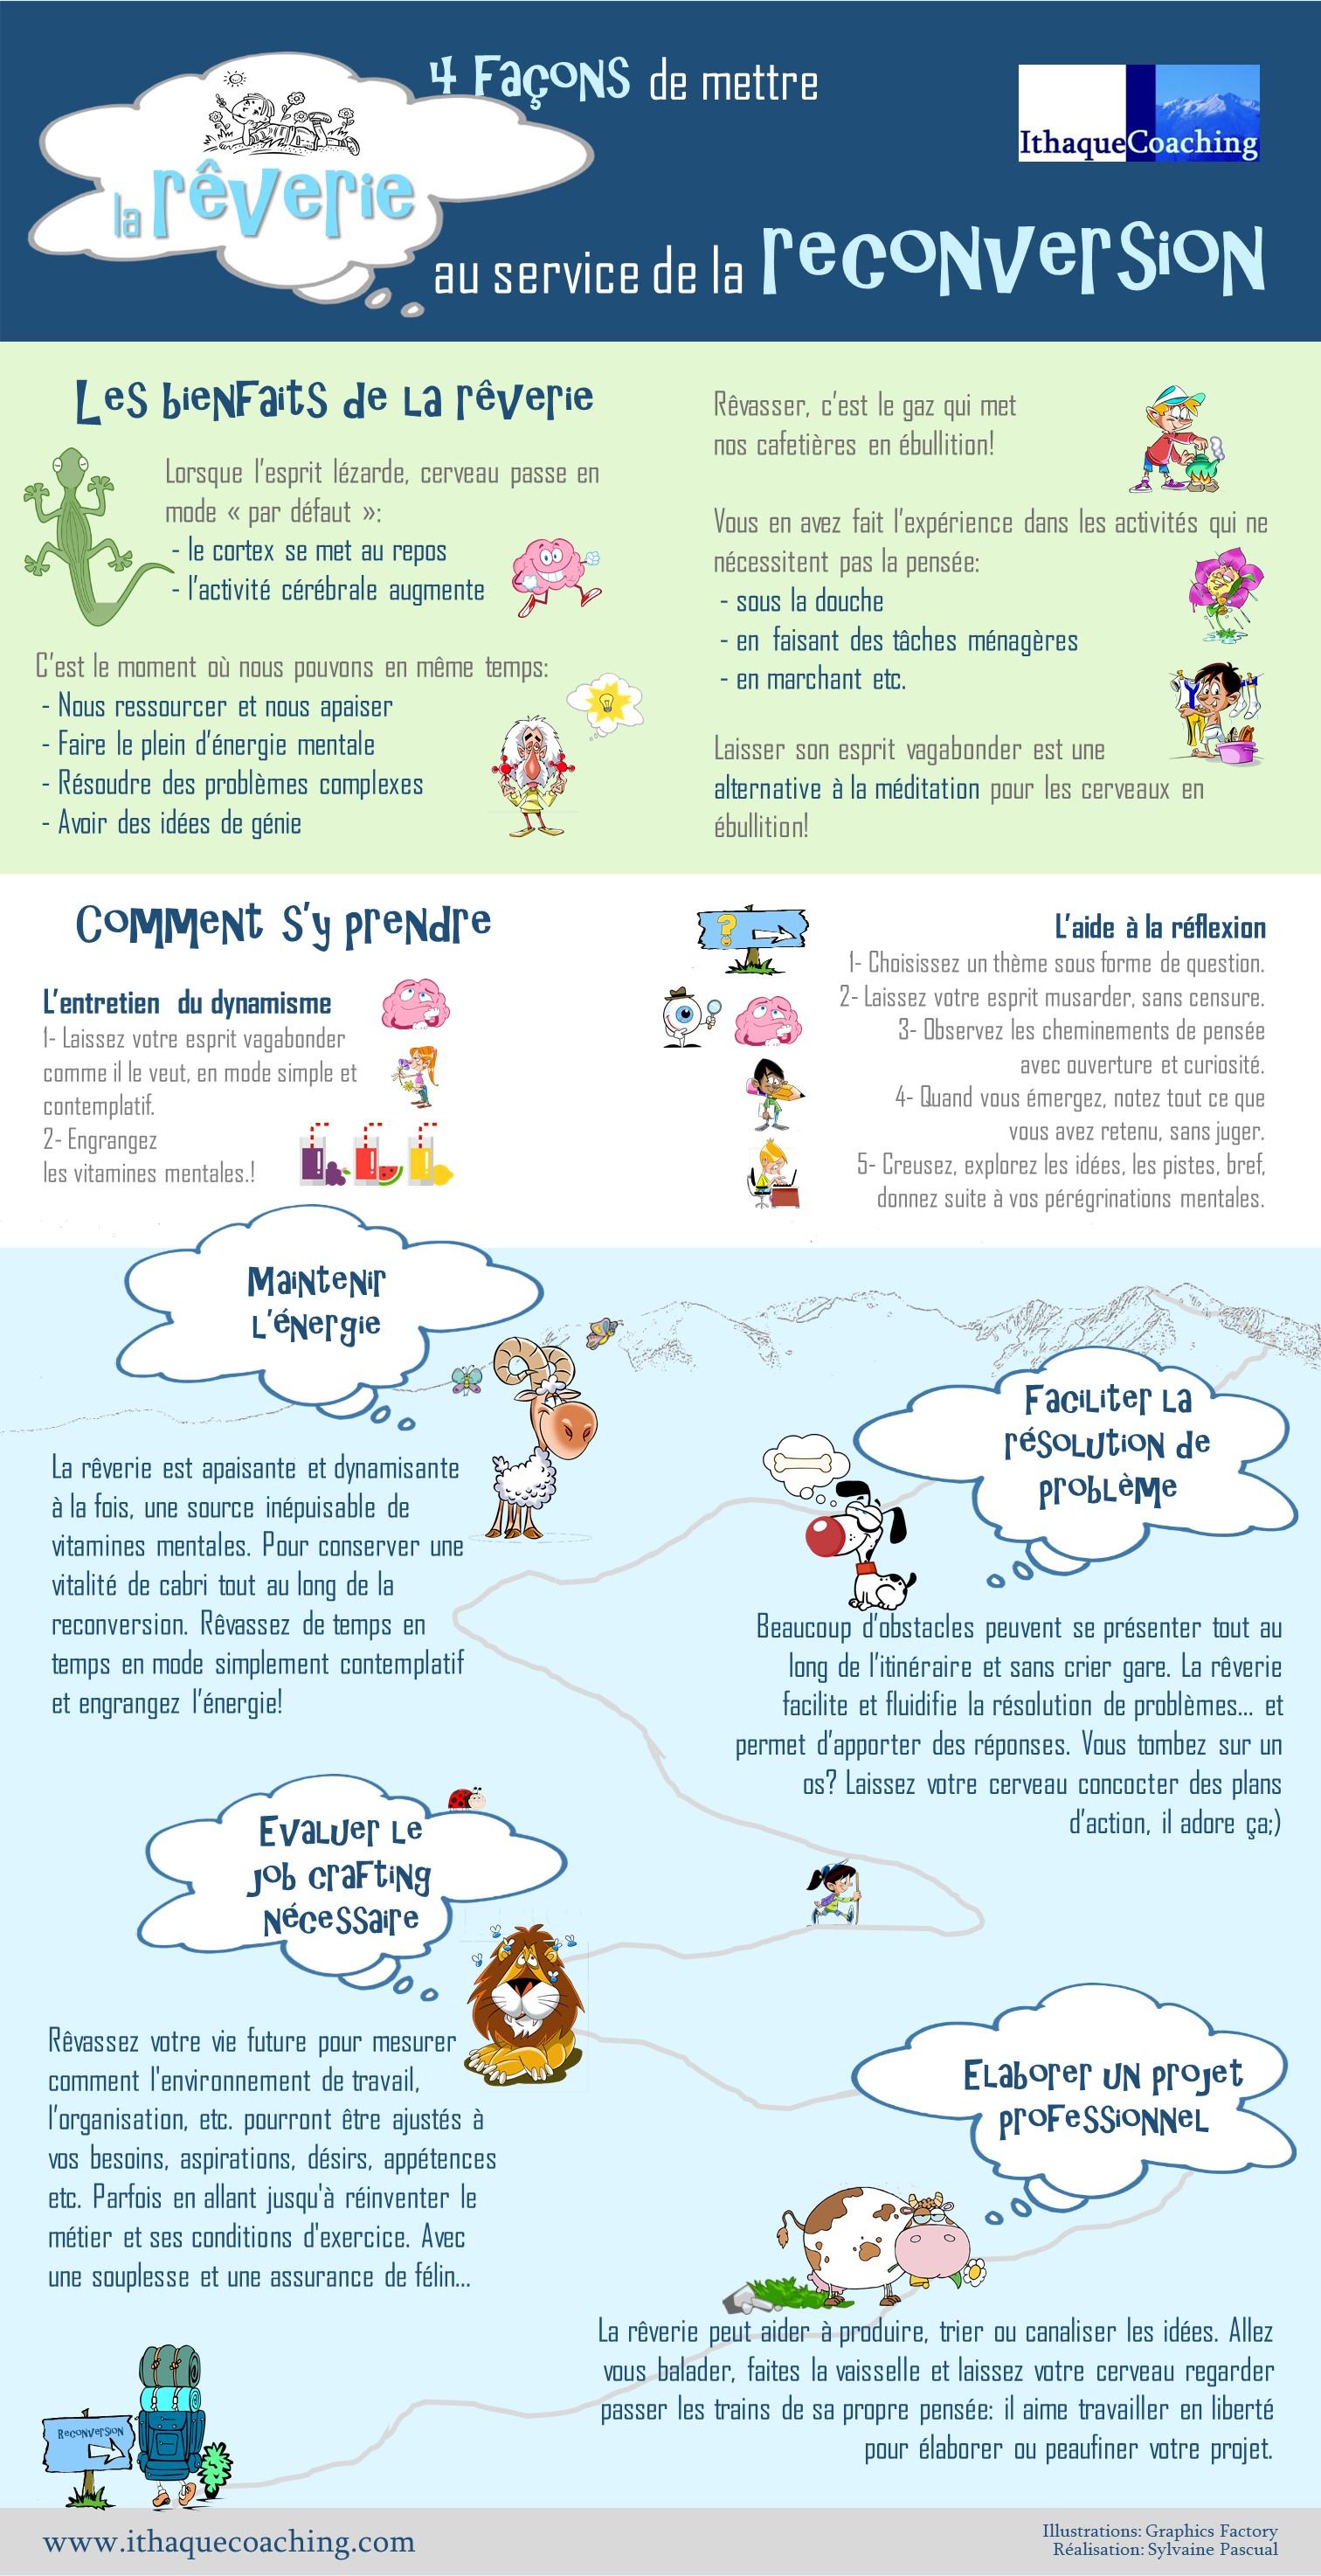 Infographie - 4 façons de mettre la rêverie au service de la reconversion